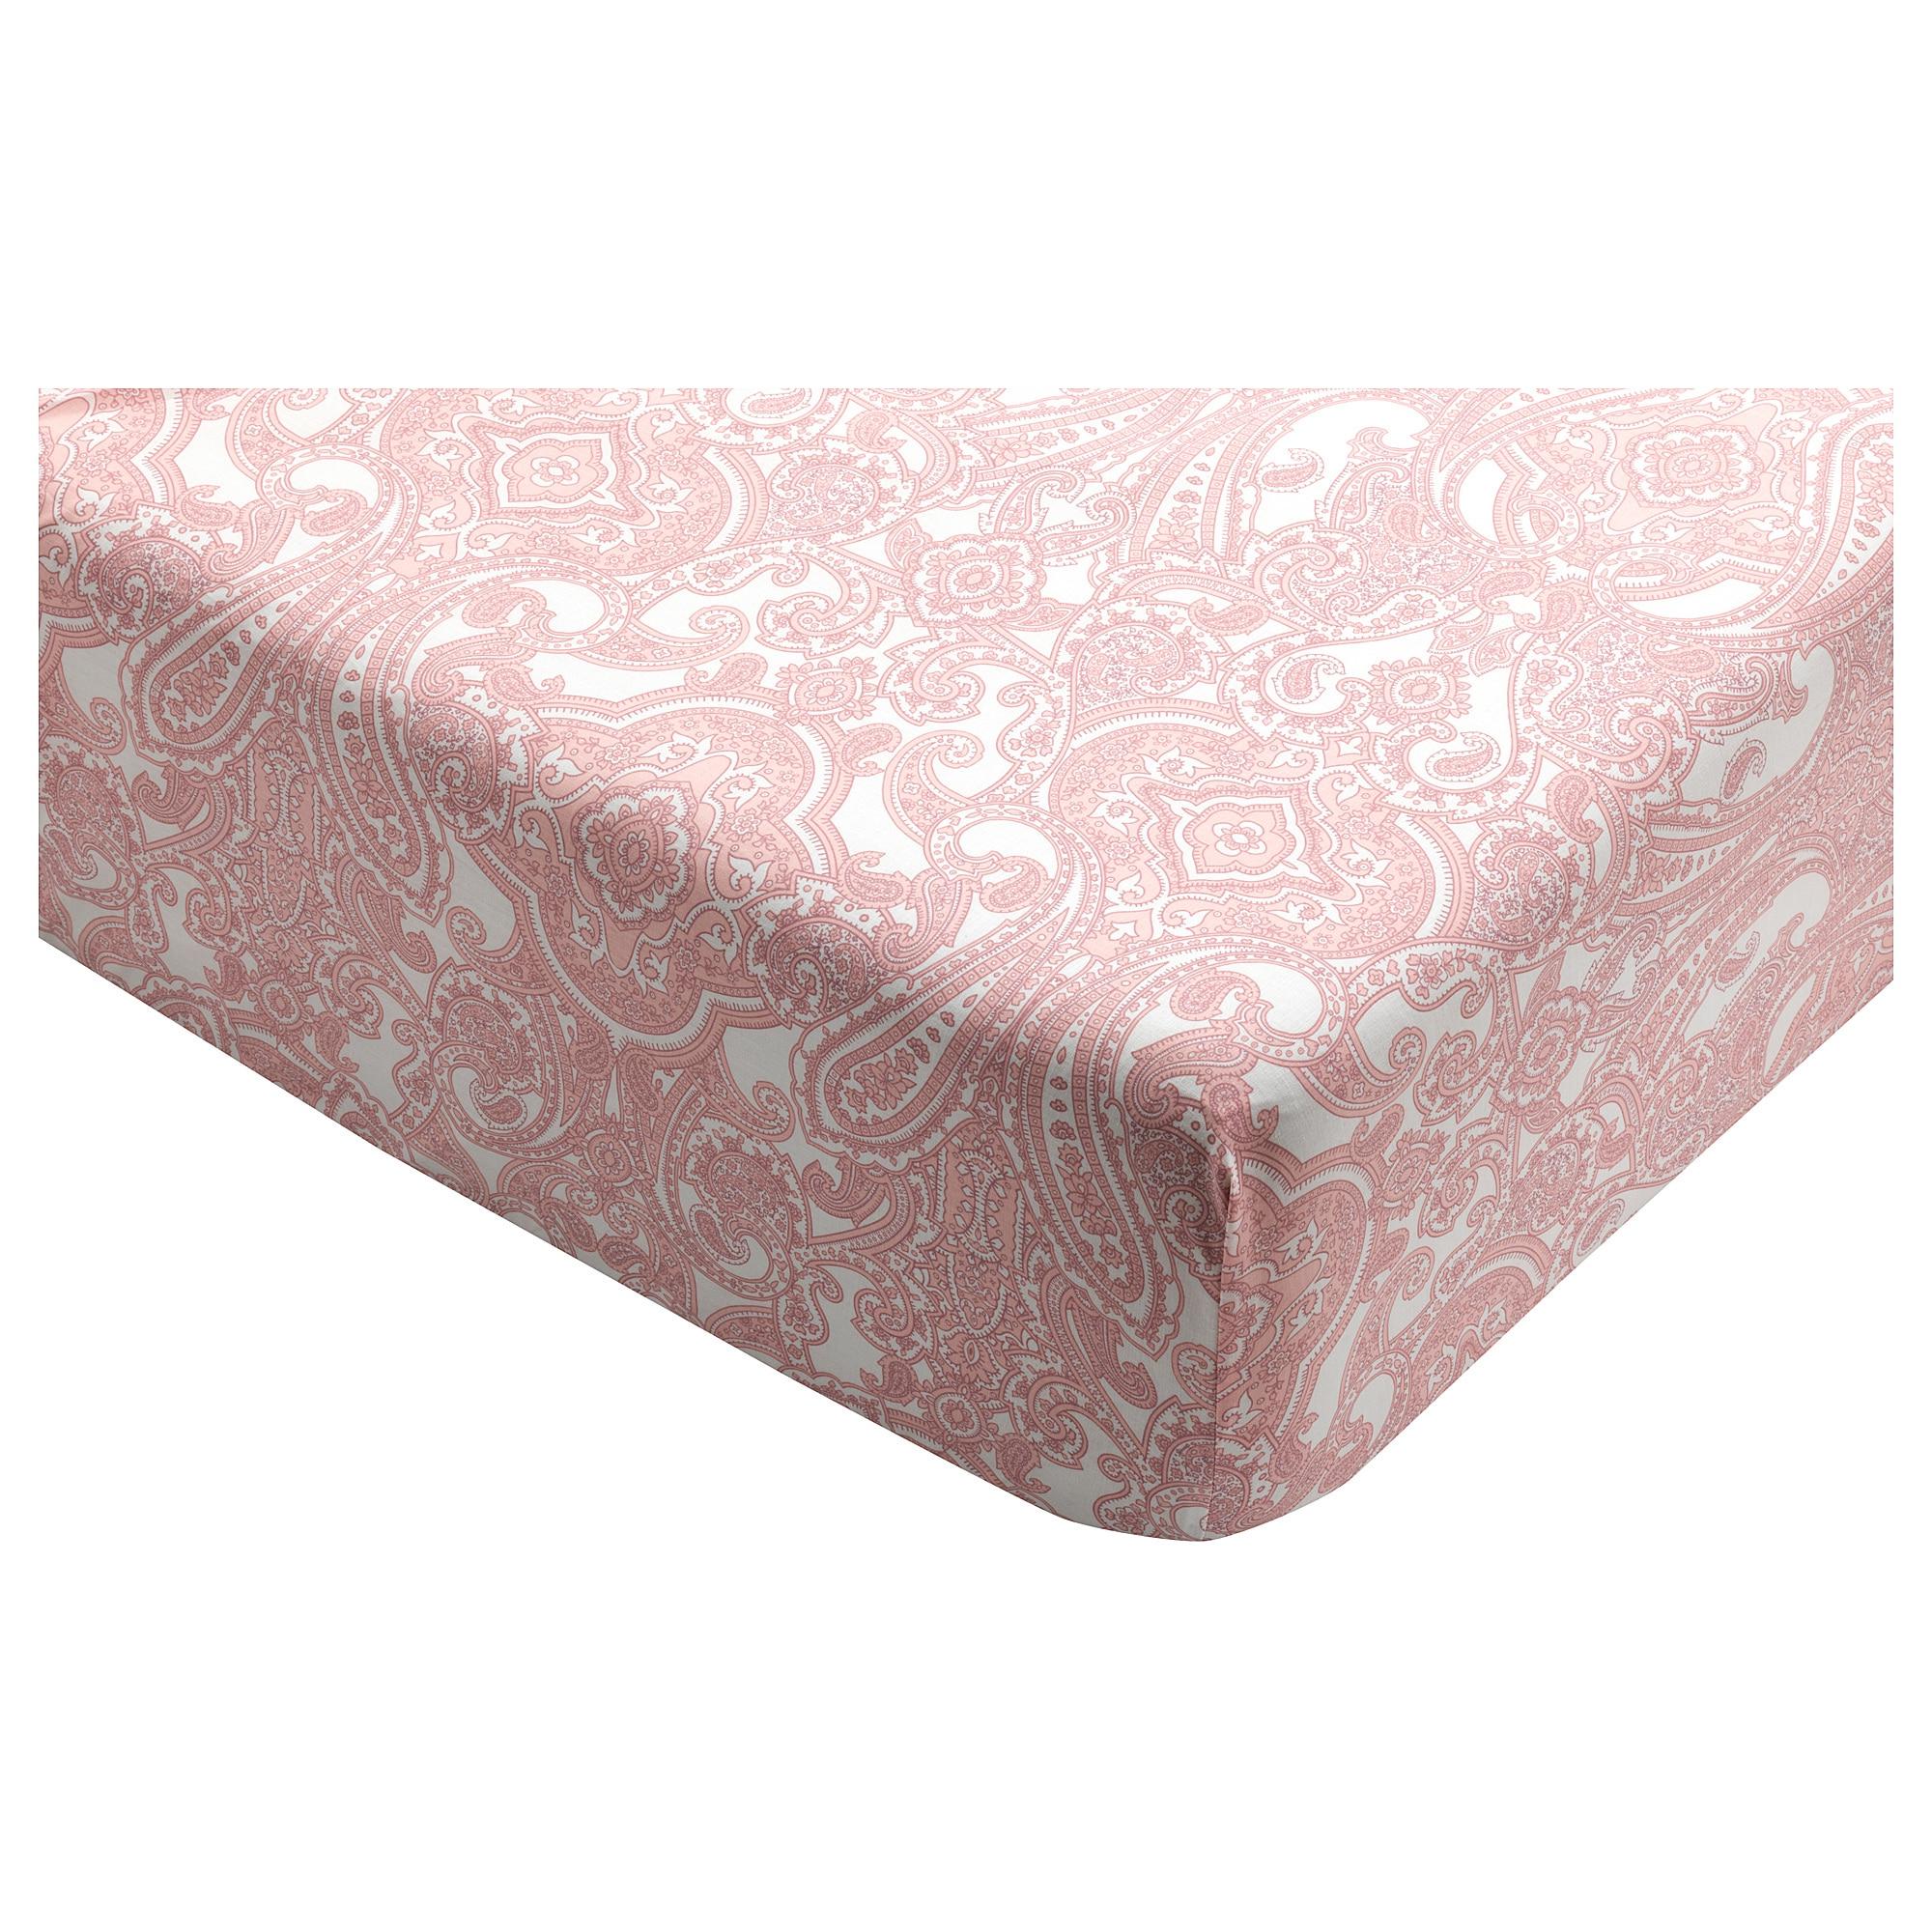 Cubre Canape Ajustable Drdp Fundas NÃ Rdicas Y SÃ Banas Pra Online Ikea